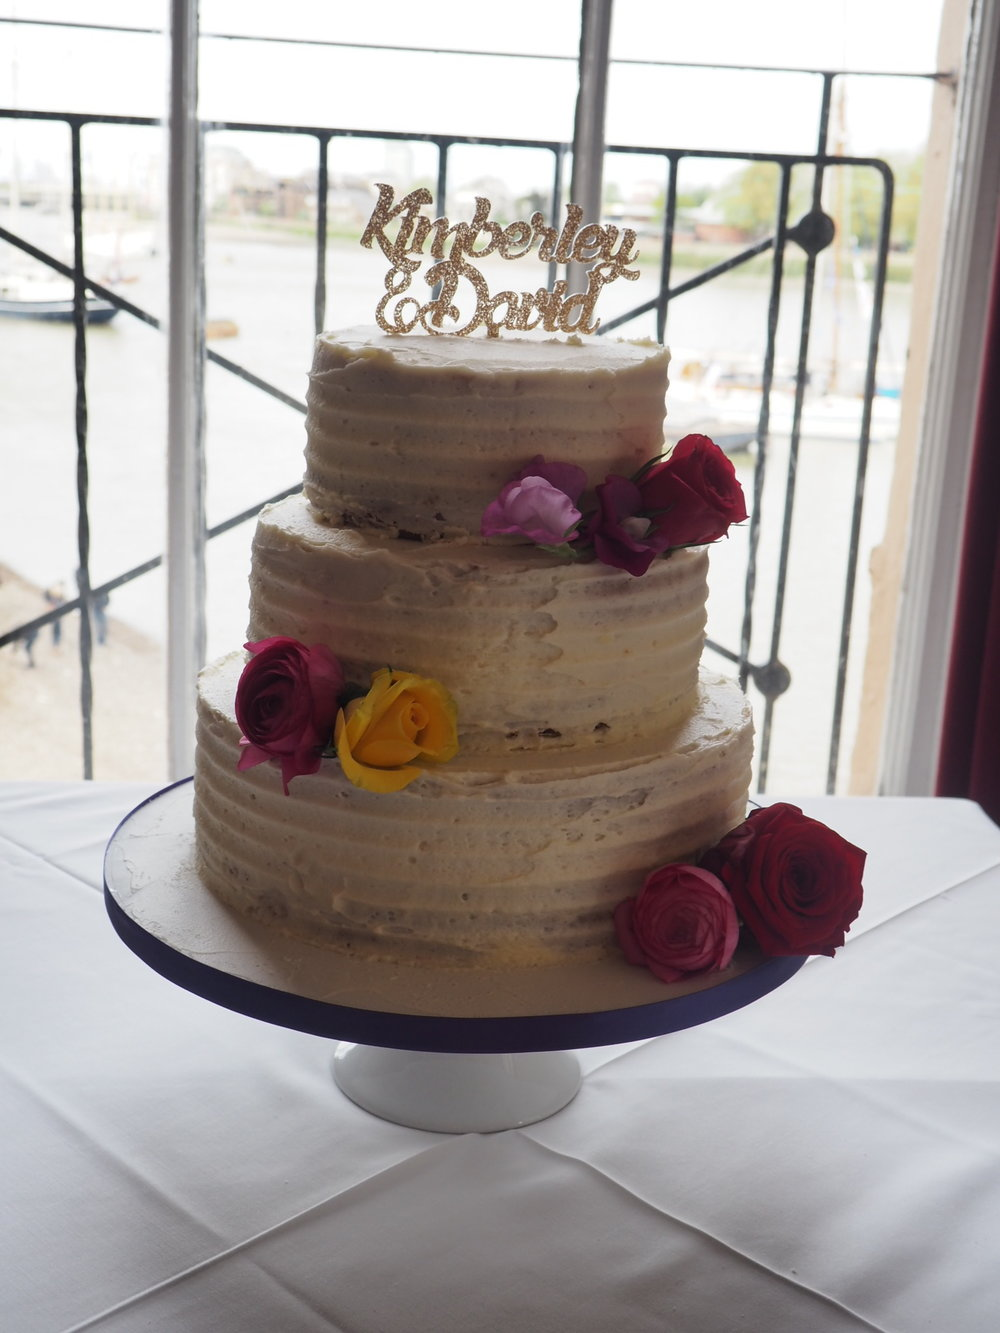 Trafalgar tavern greenwich wedding cake flower